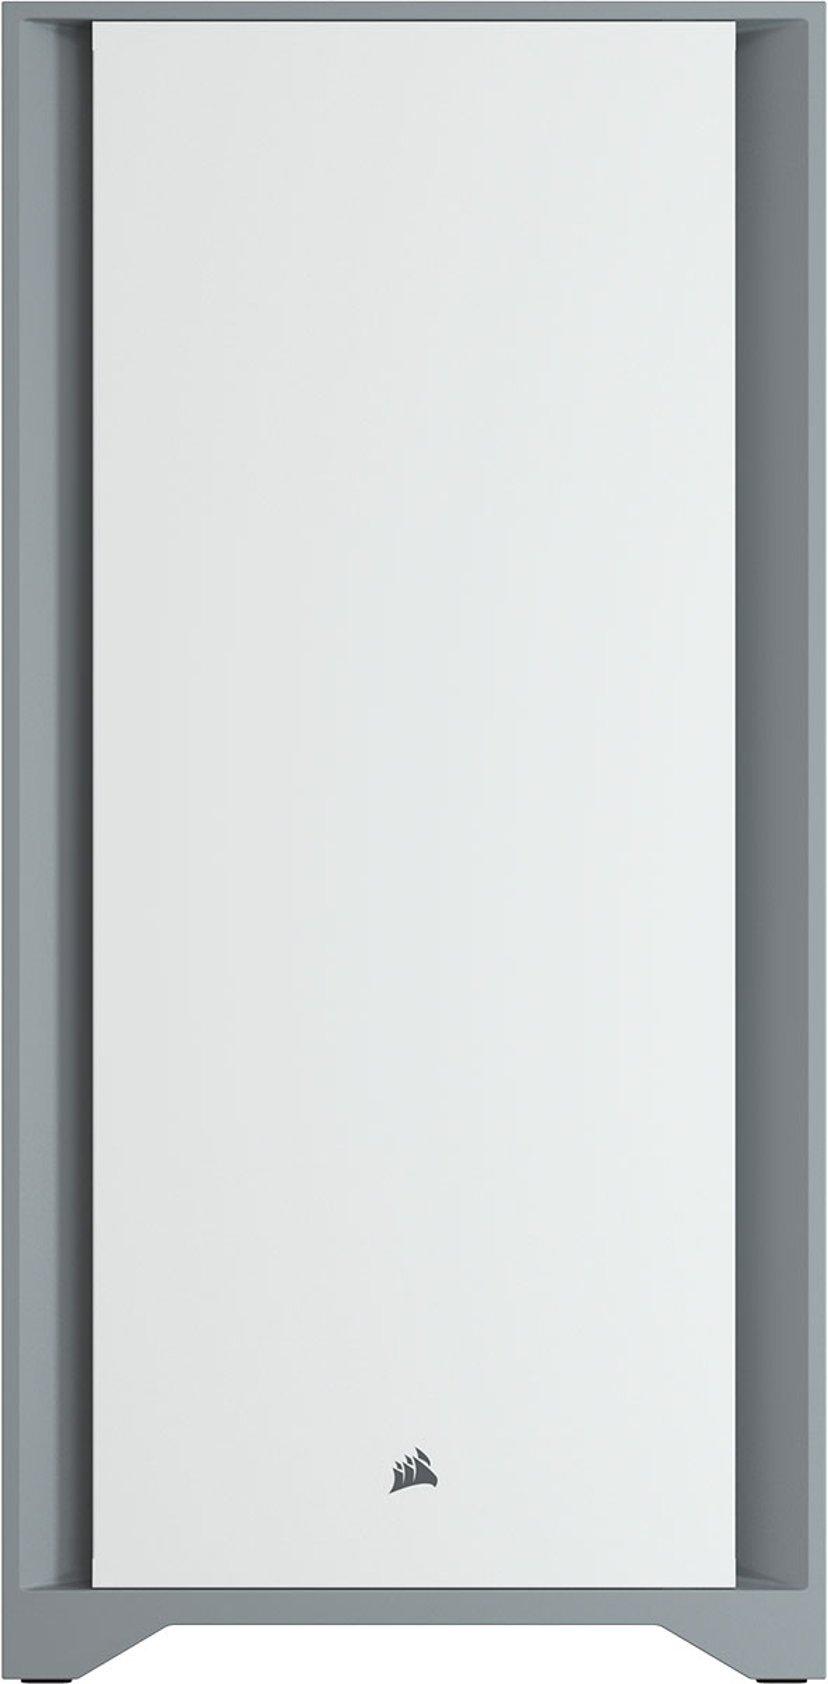 Corsair 4000D Vit